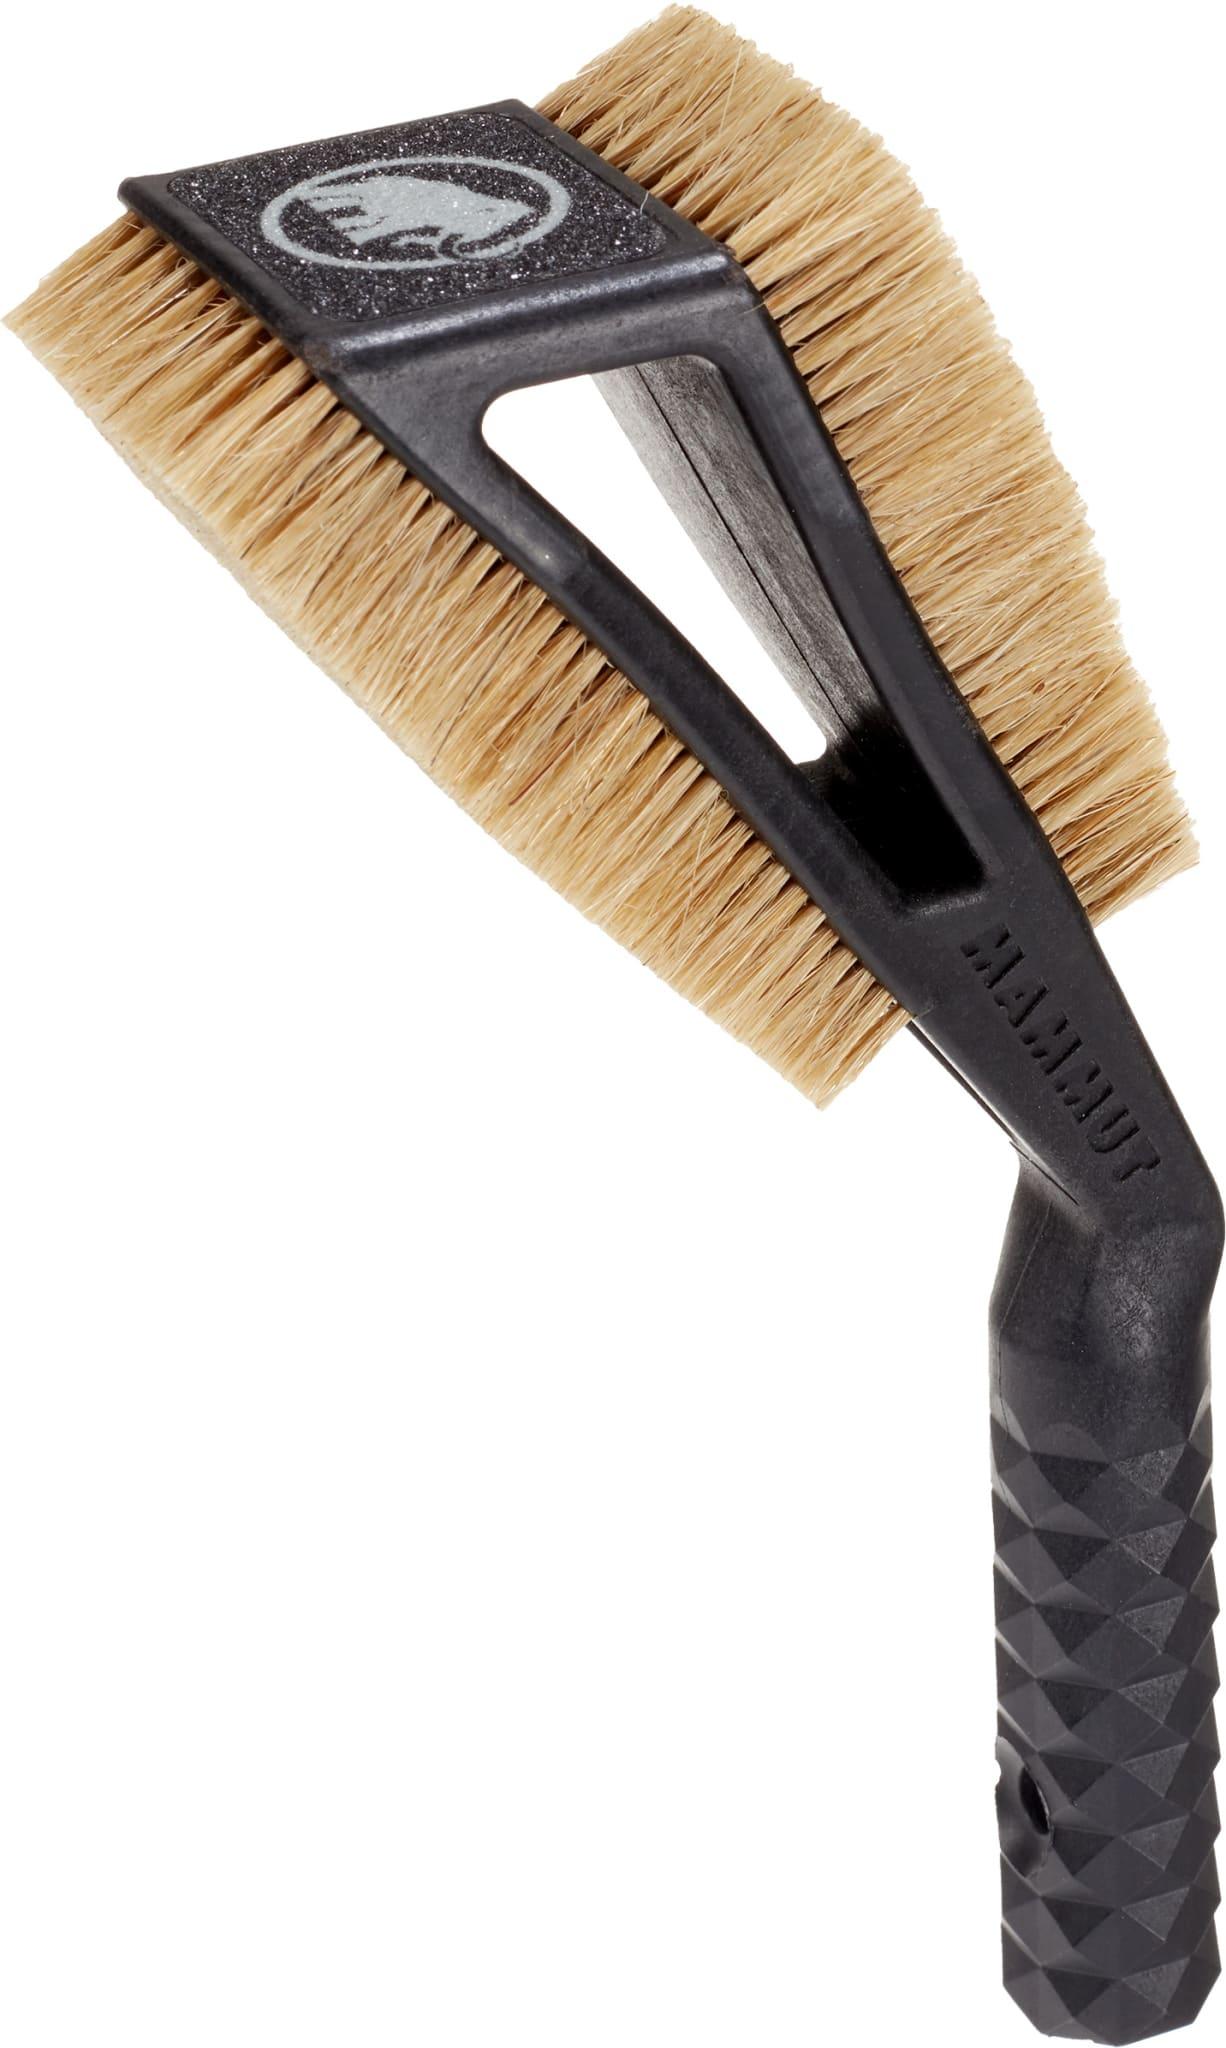 Sloper Brush